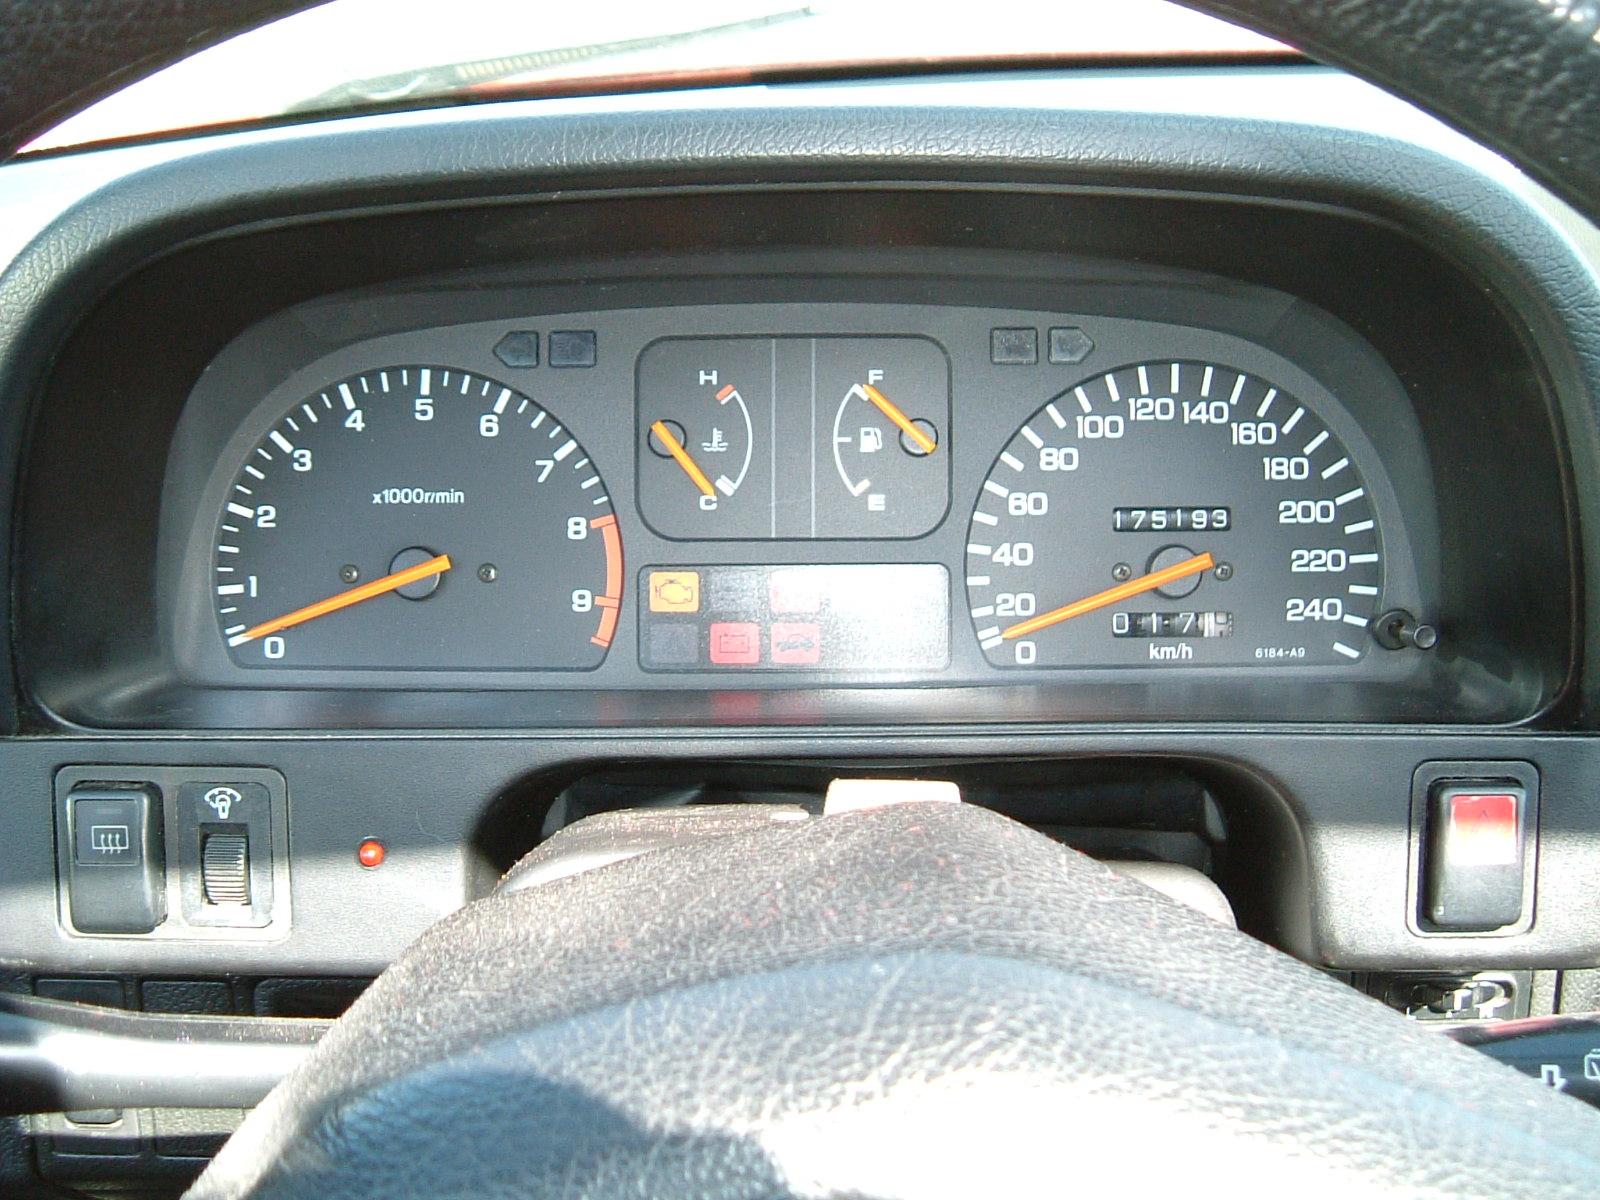 Honda Civic Wiring Diagram Besides Honda Crx Wiring Diagram On 89